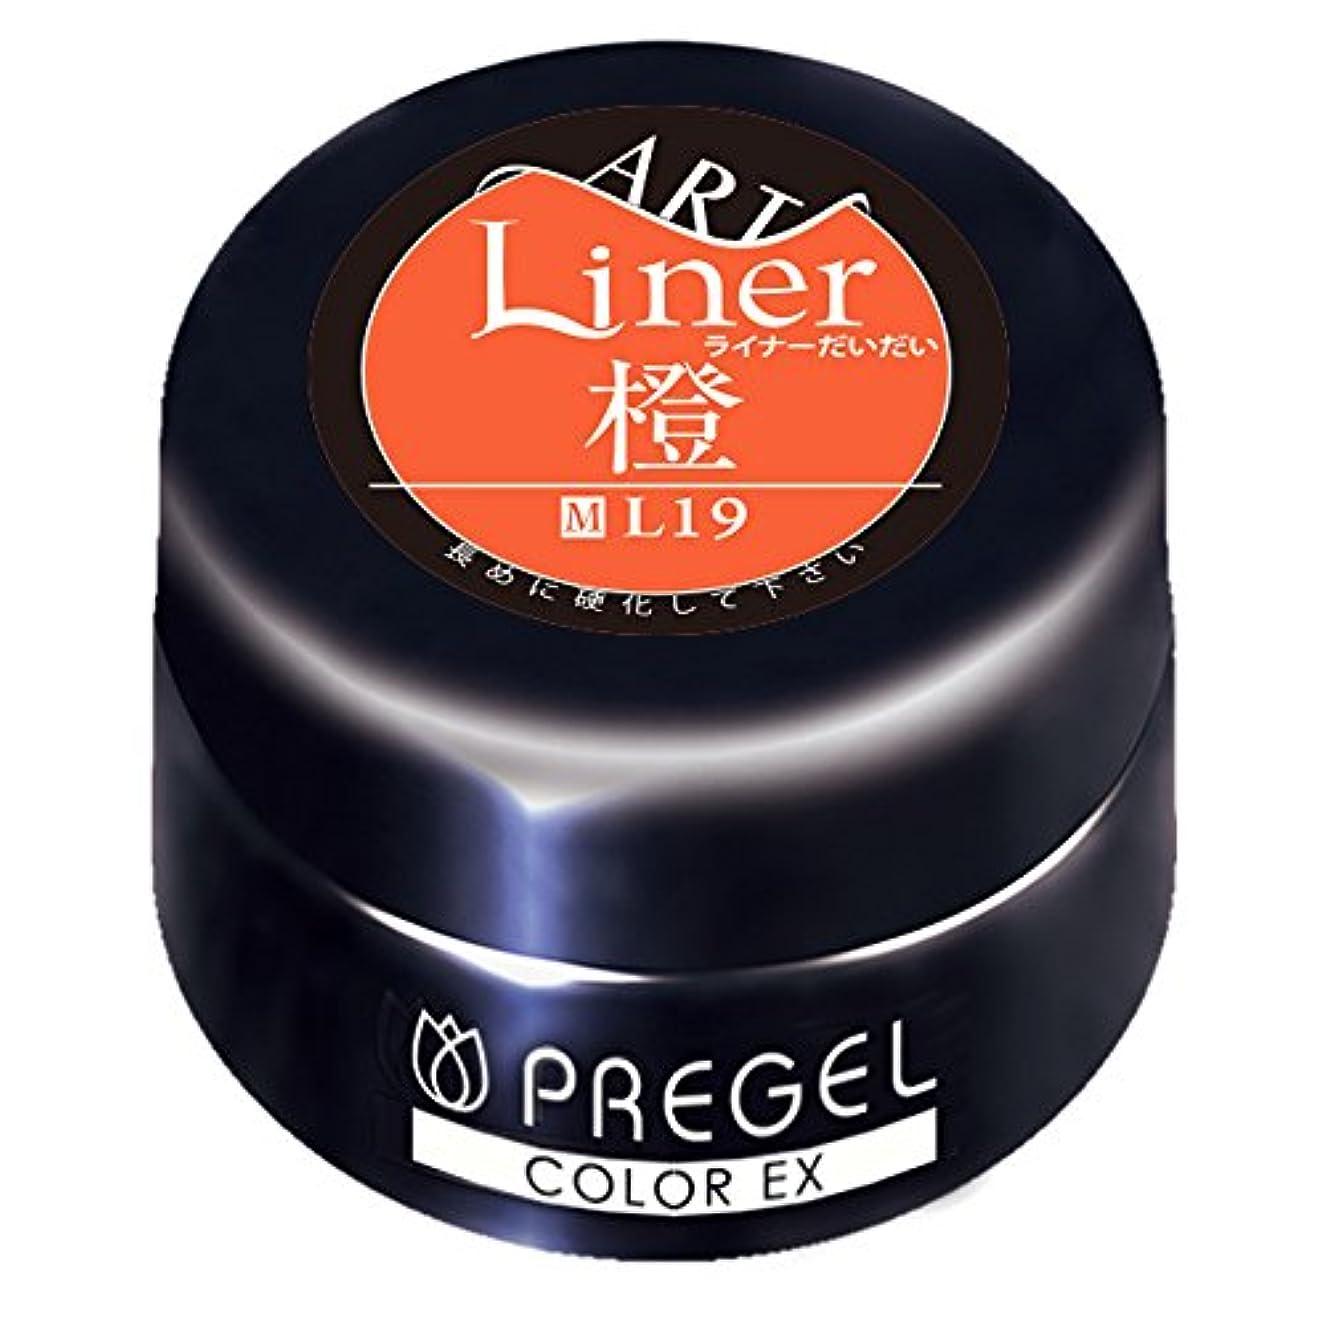 刺繍修復ワンダーPRE GEL カラーEX ライナー橙19 4g UV/LED対応